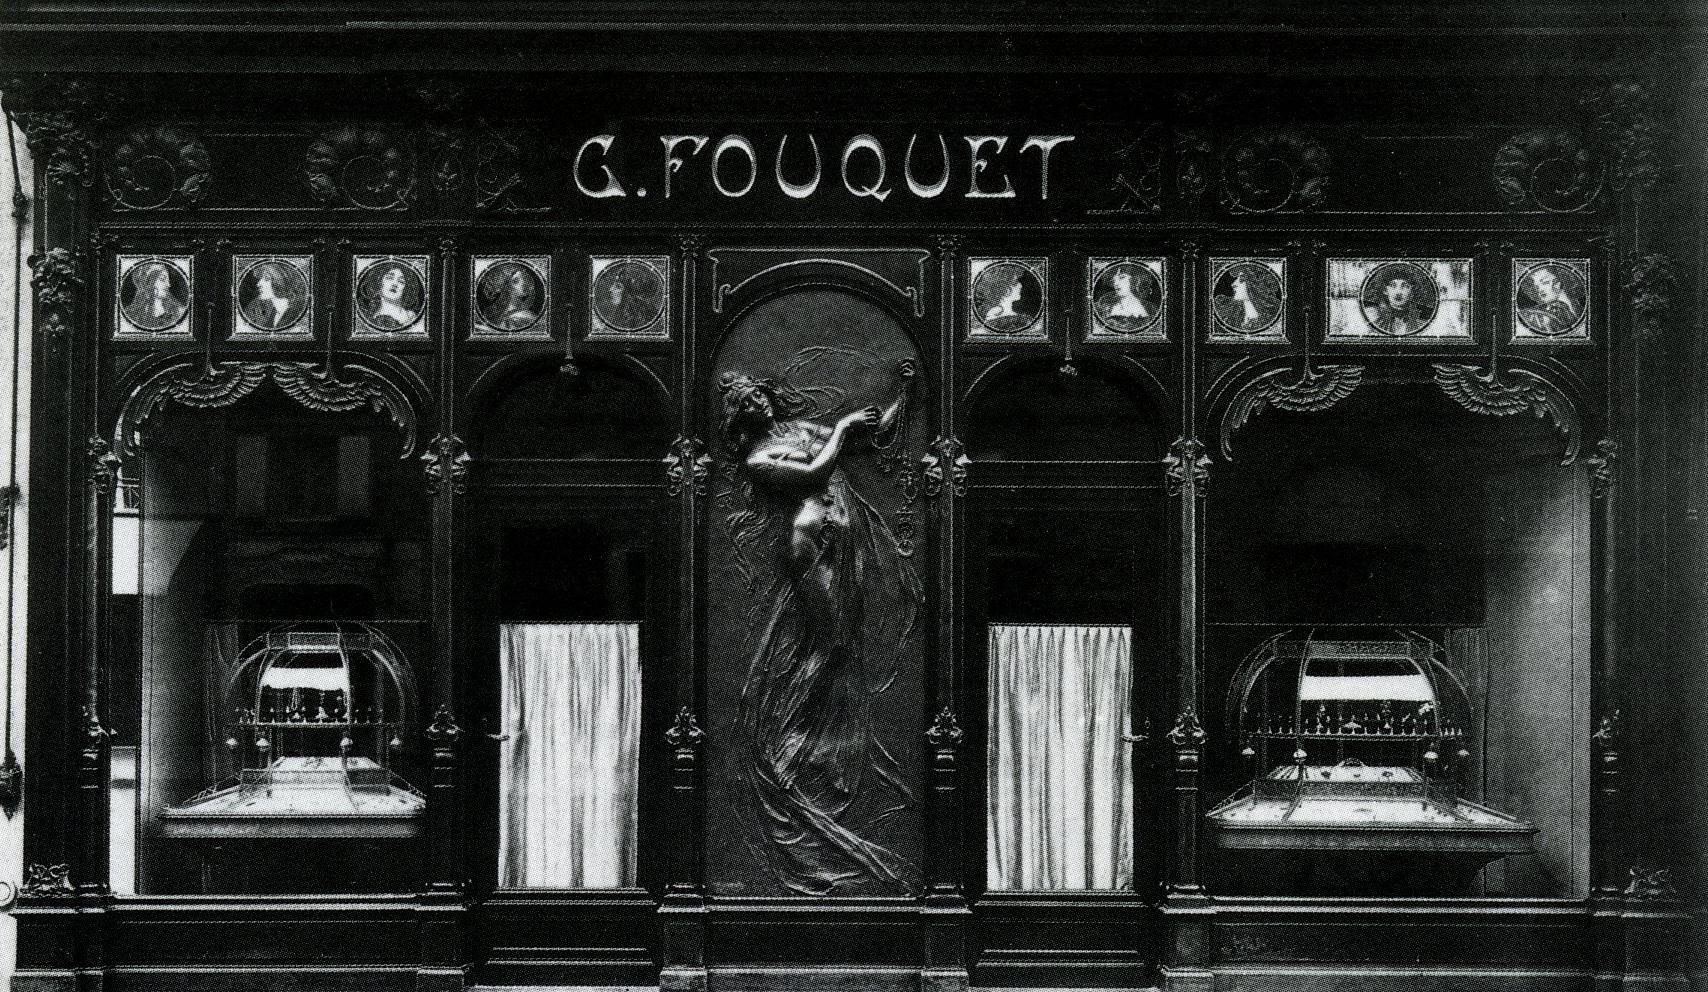 Alphonse Mucha voor Georges Fouquet, winkelpui. Collectie Musée Carnavalet